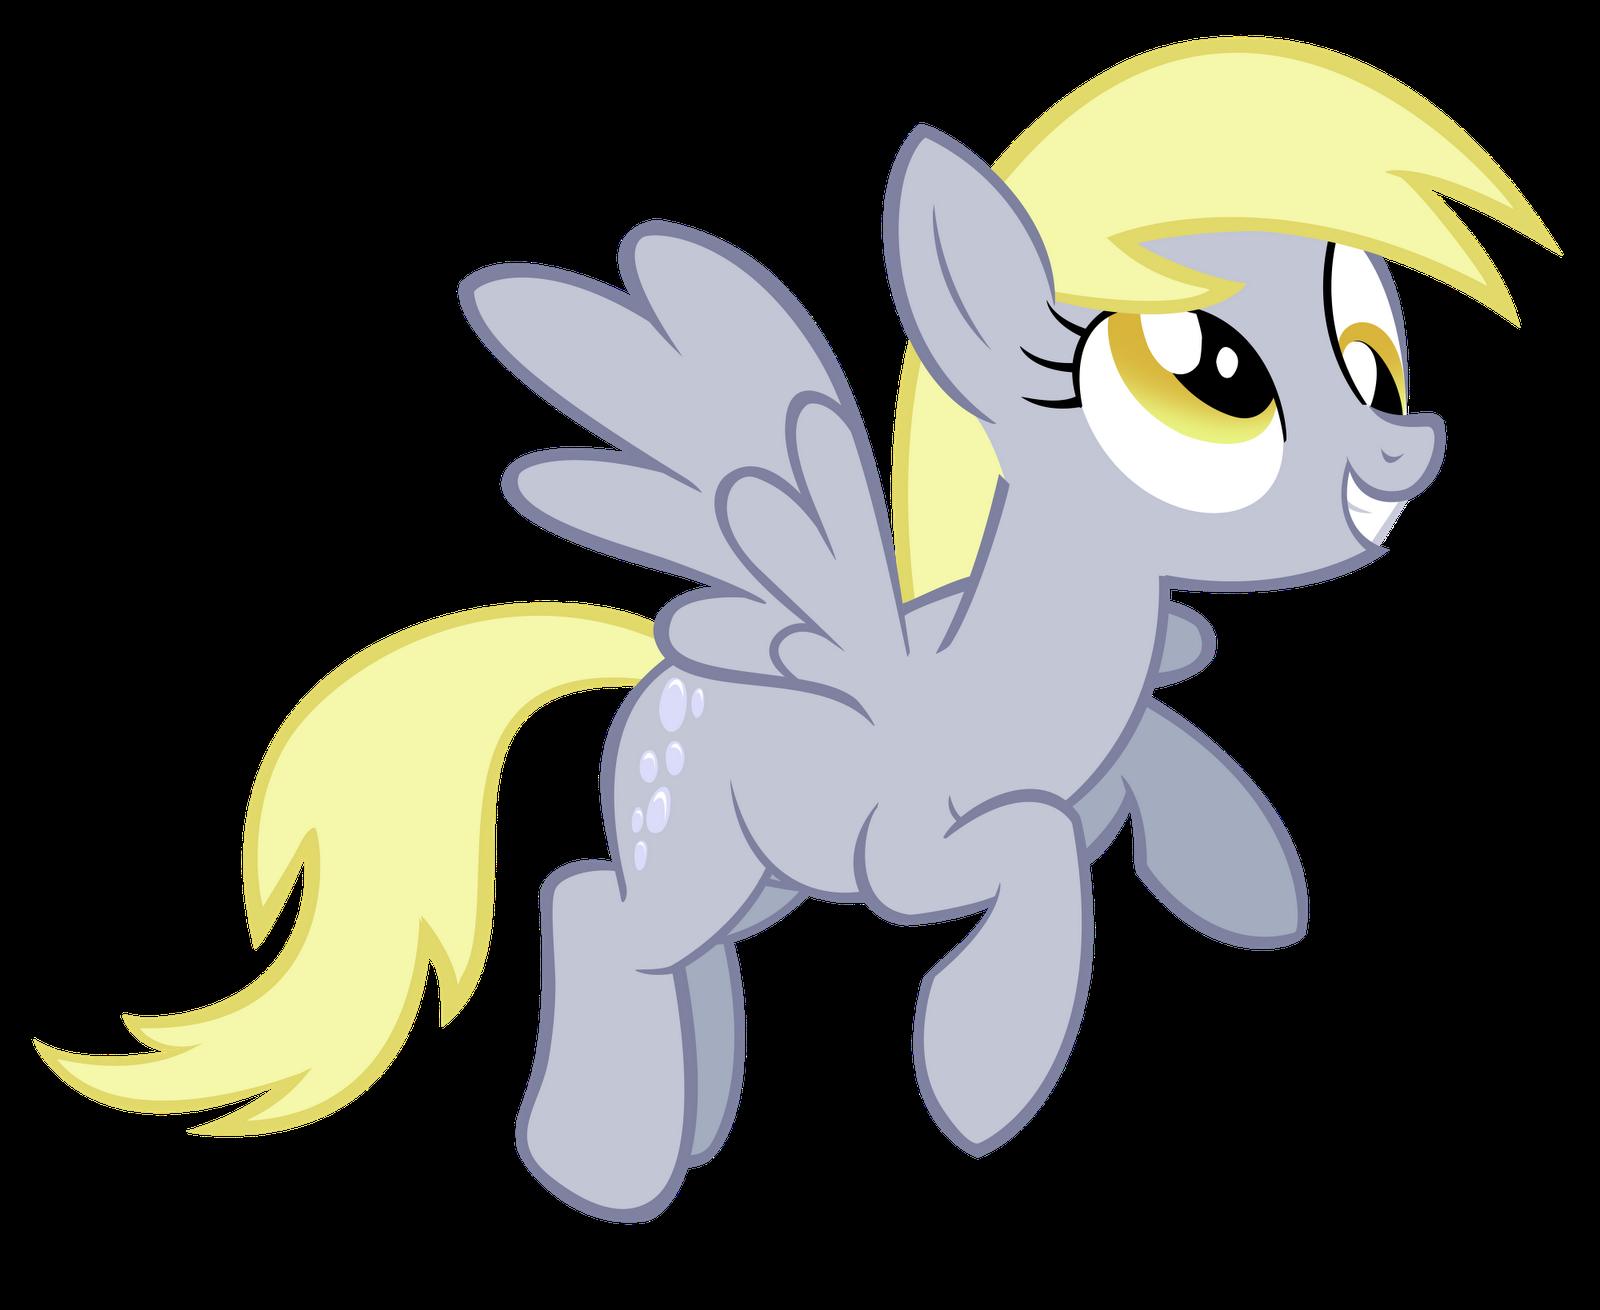 Equestria Daily - MLP Stuff!: DERPY DERPY DERPY DERPY ...